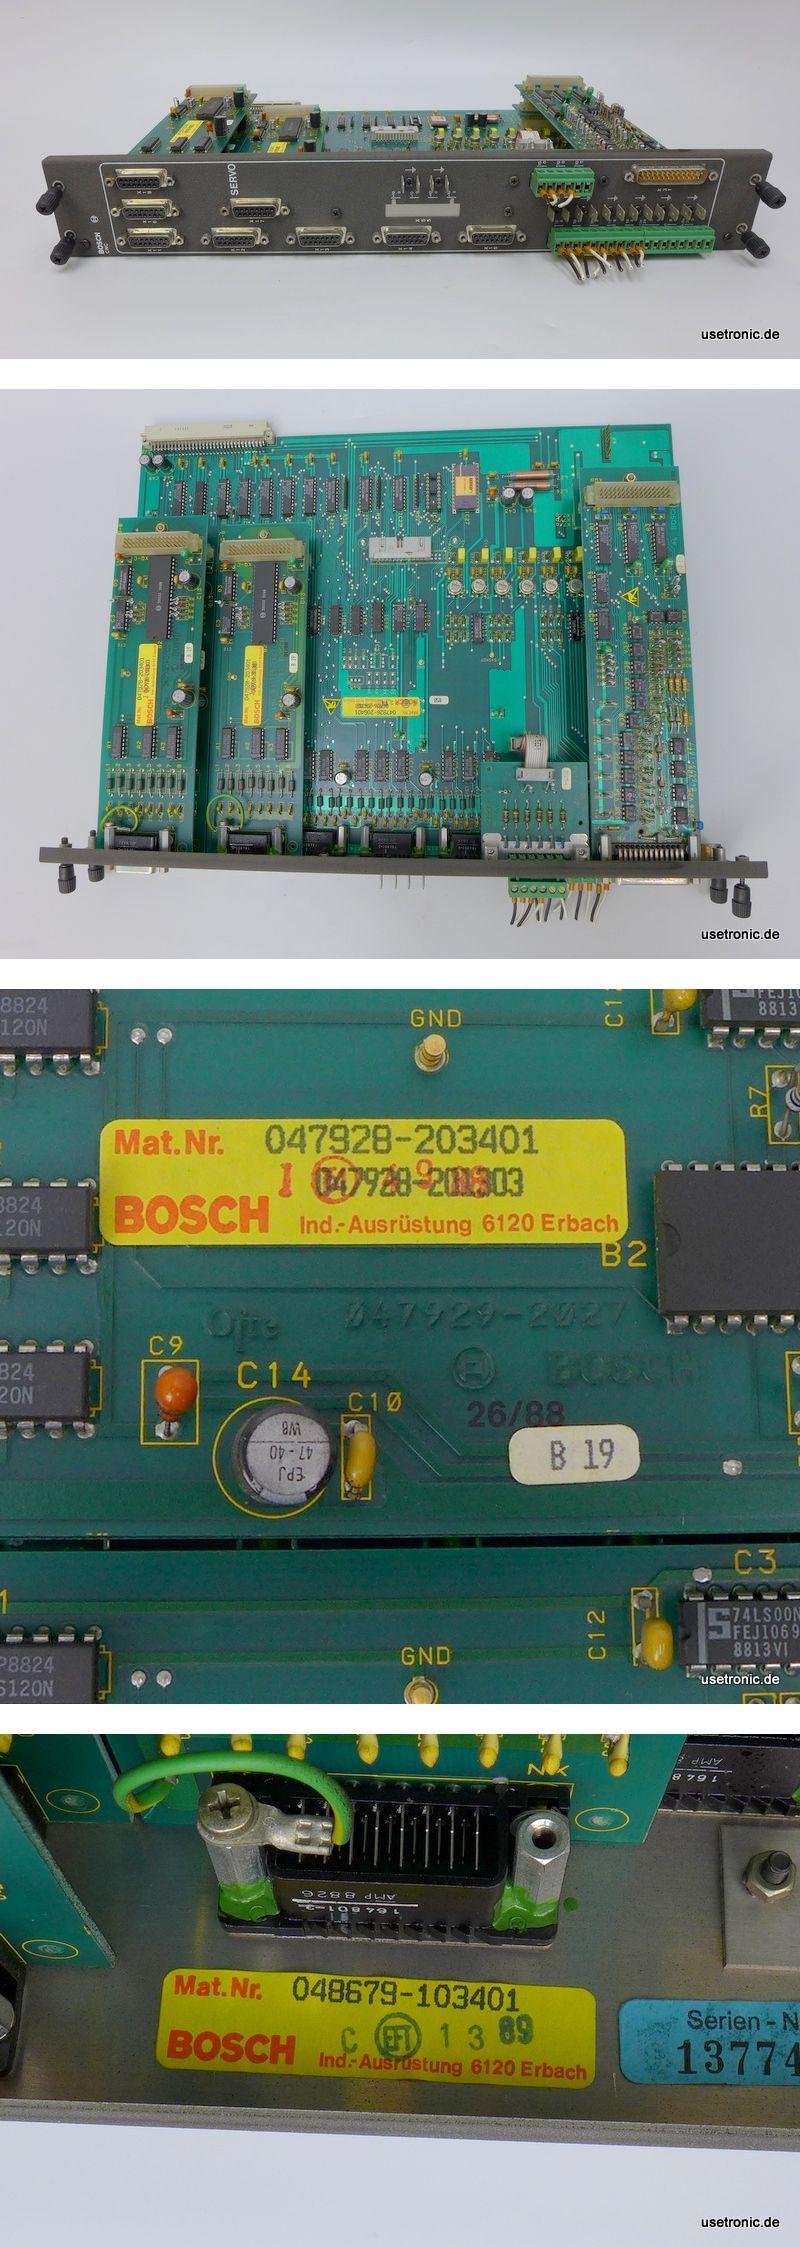 Bosch CNC Servo Modul 048672-102401 047928-203401 048679-103401